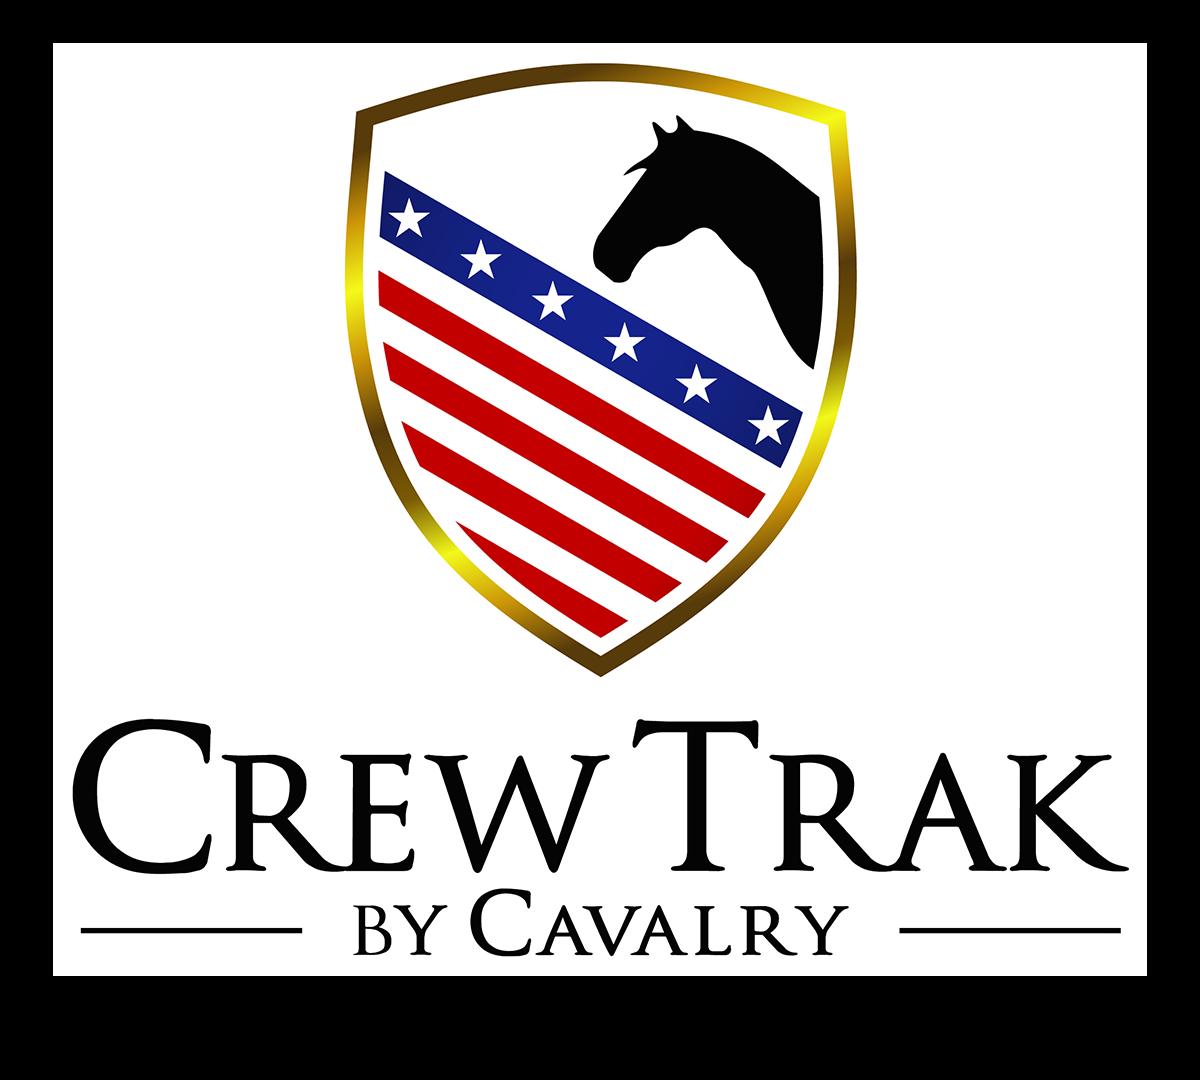 Crew Trak